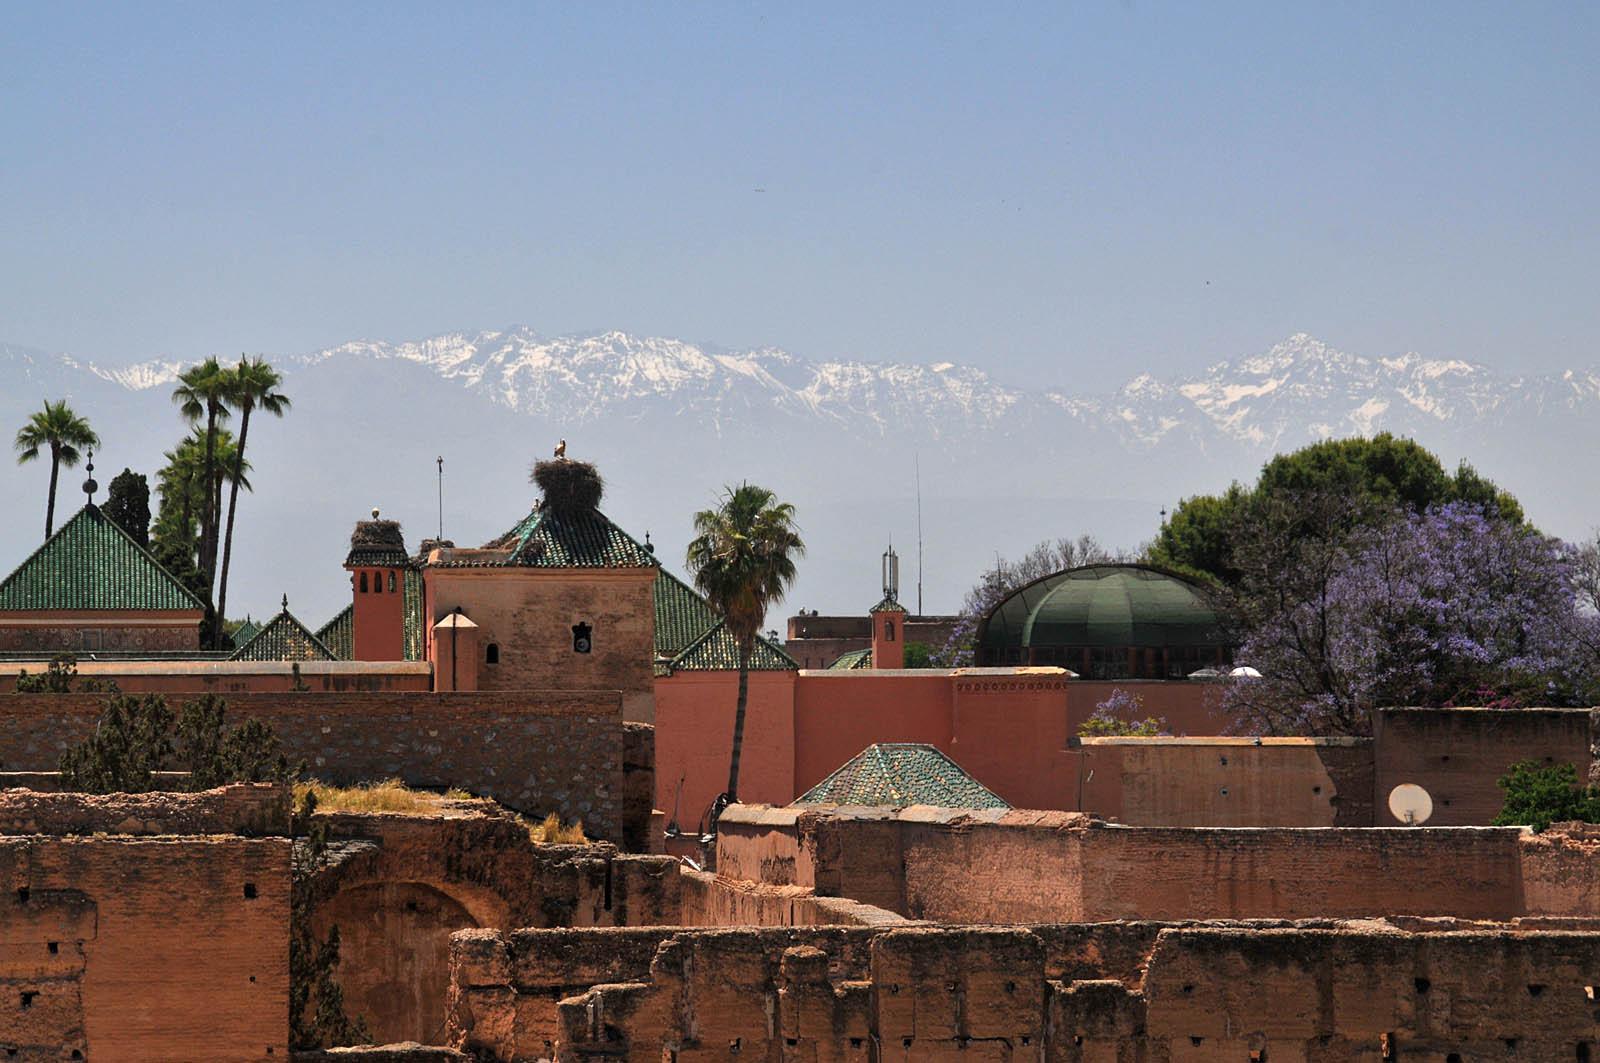 Tha Atlas Mountains from Marrakech